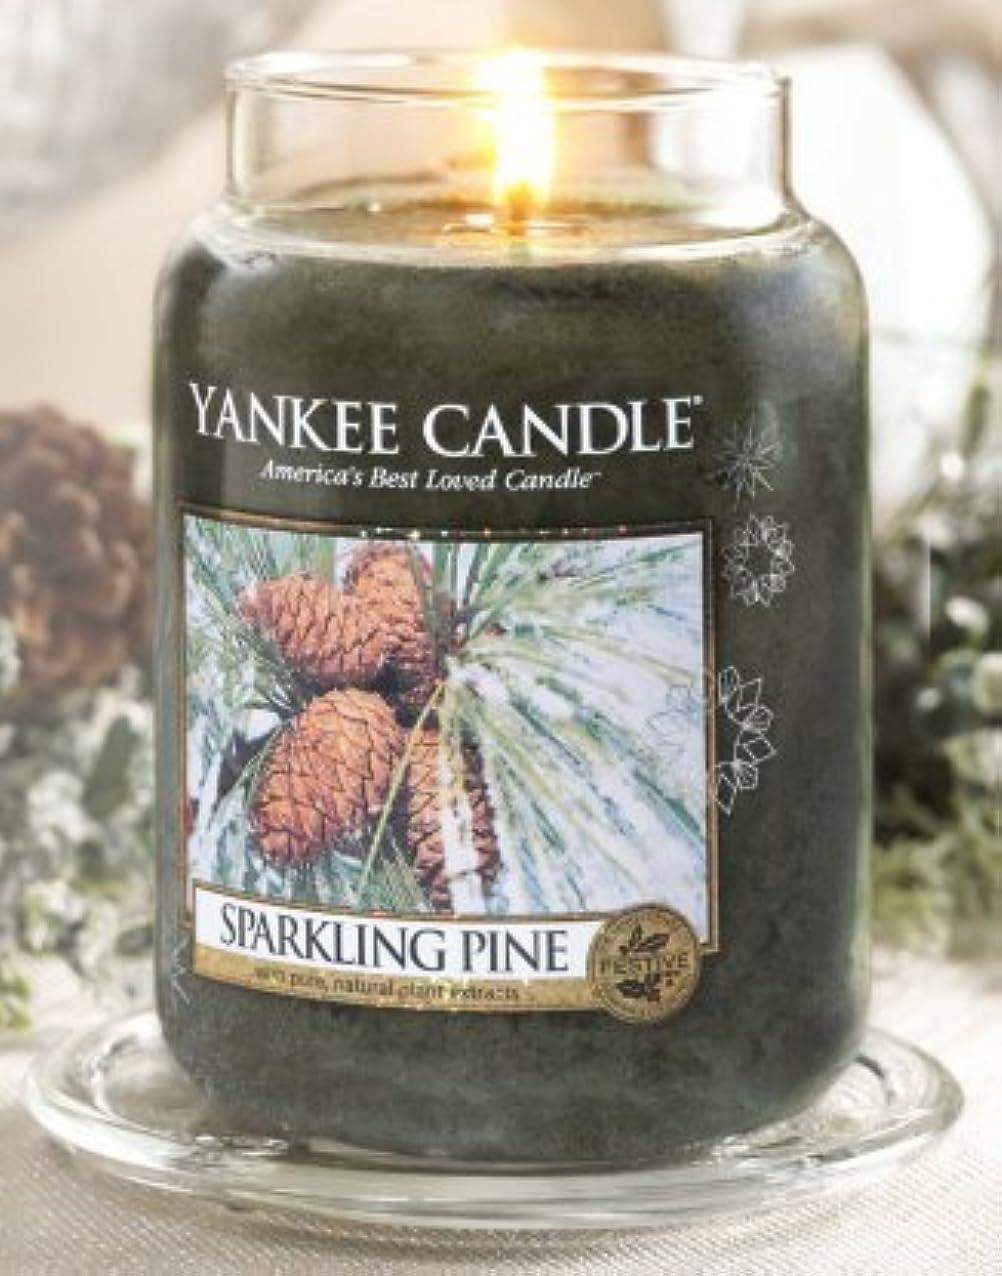 マーチャンダイジングディスコ断片Yankee Candle Sparkling Pine Large Jar Candle